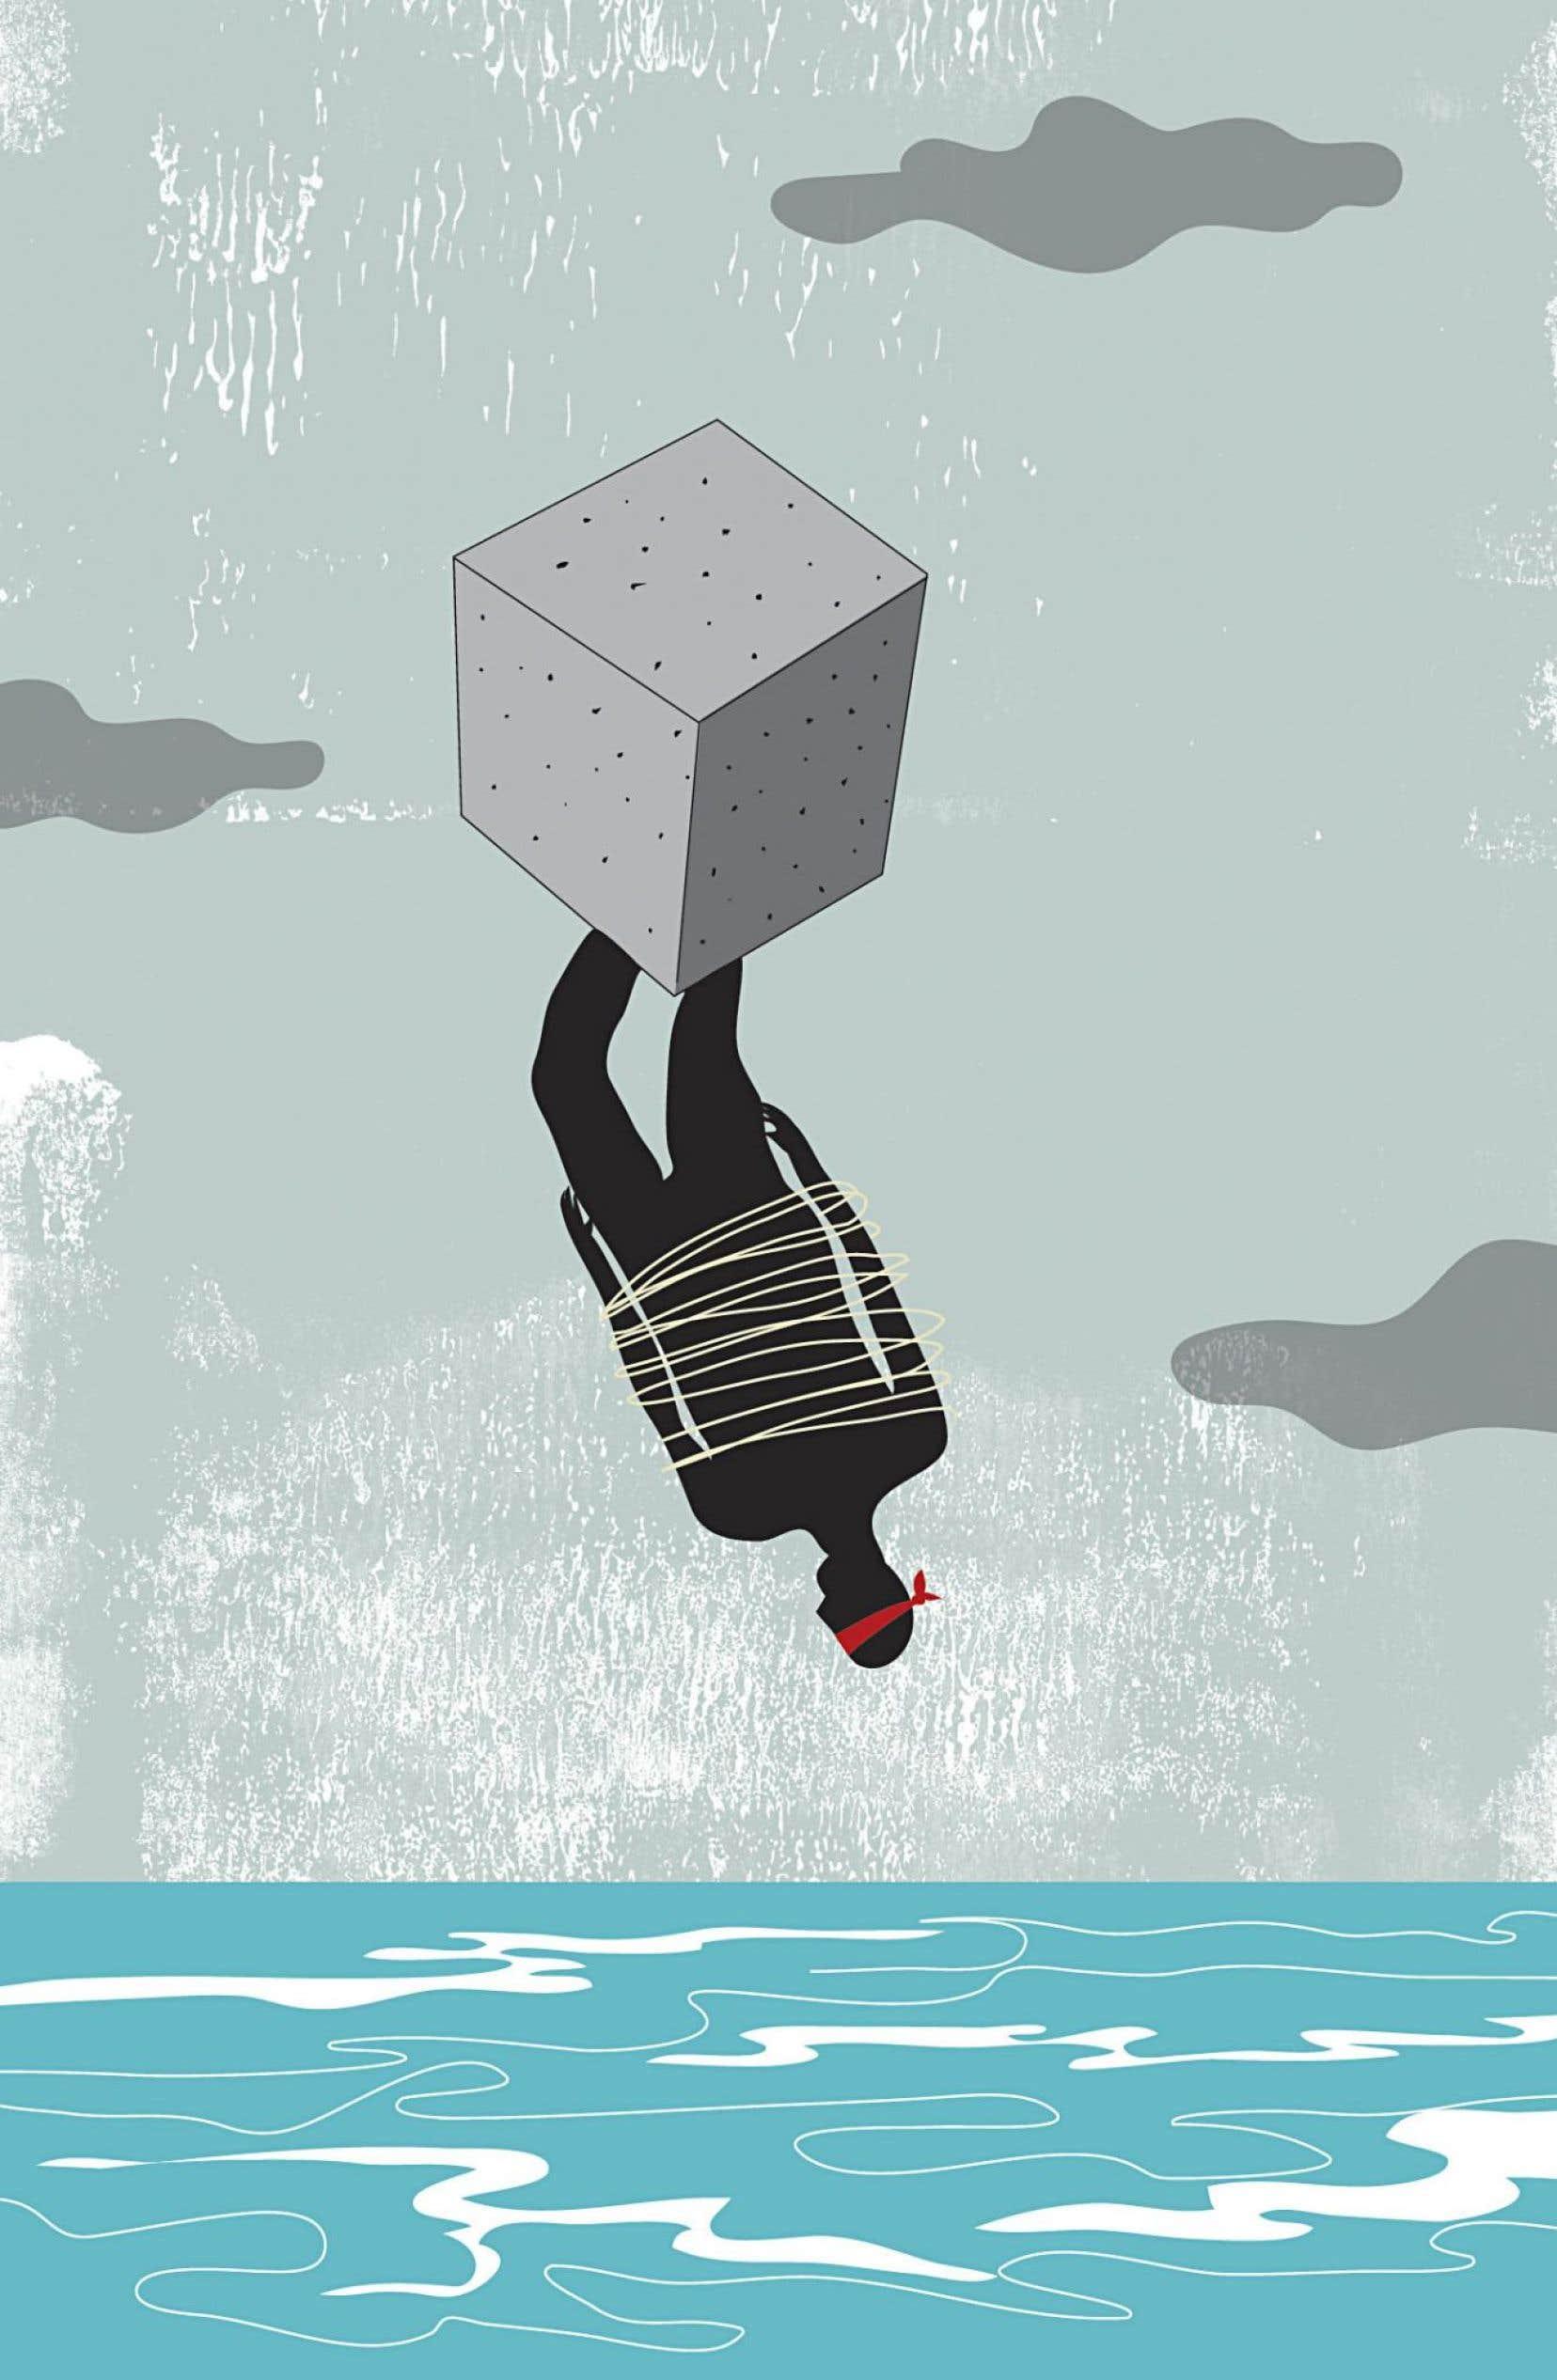 Le monde semble inéluctablement tiré vers le bas. Mais les lecteurs de polars le savaient déjà.